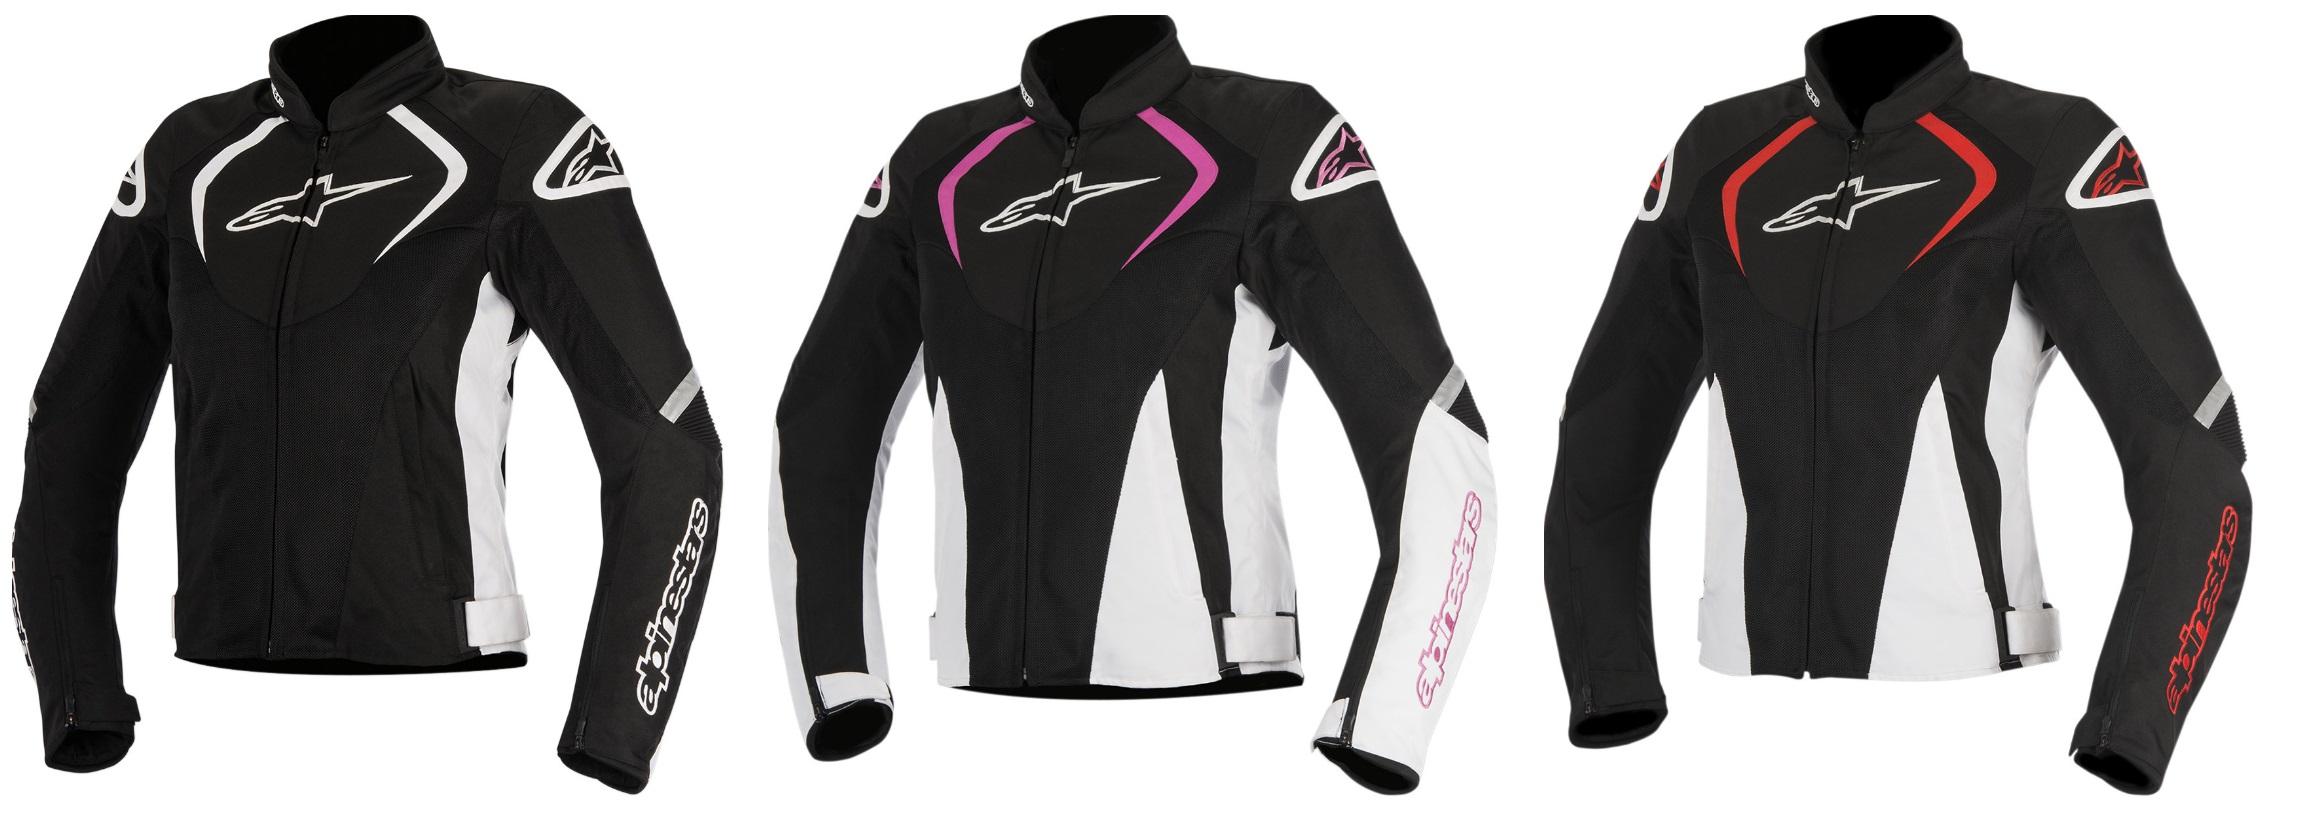 917305a72f6 Talla XS de la chaqueta de Alpinestars moto mujer textil negro Stella T -mordazas